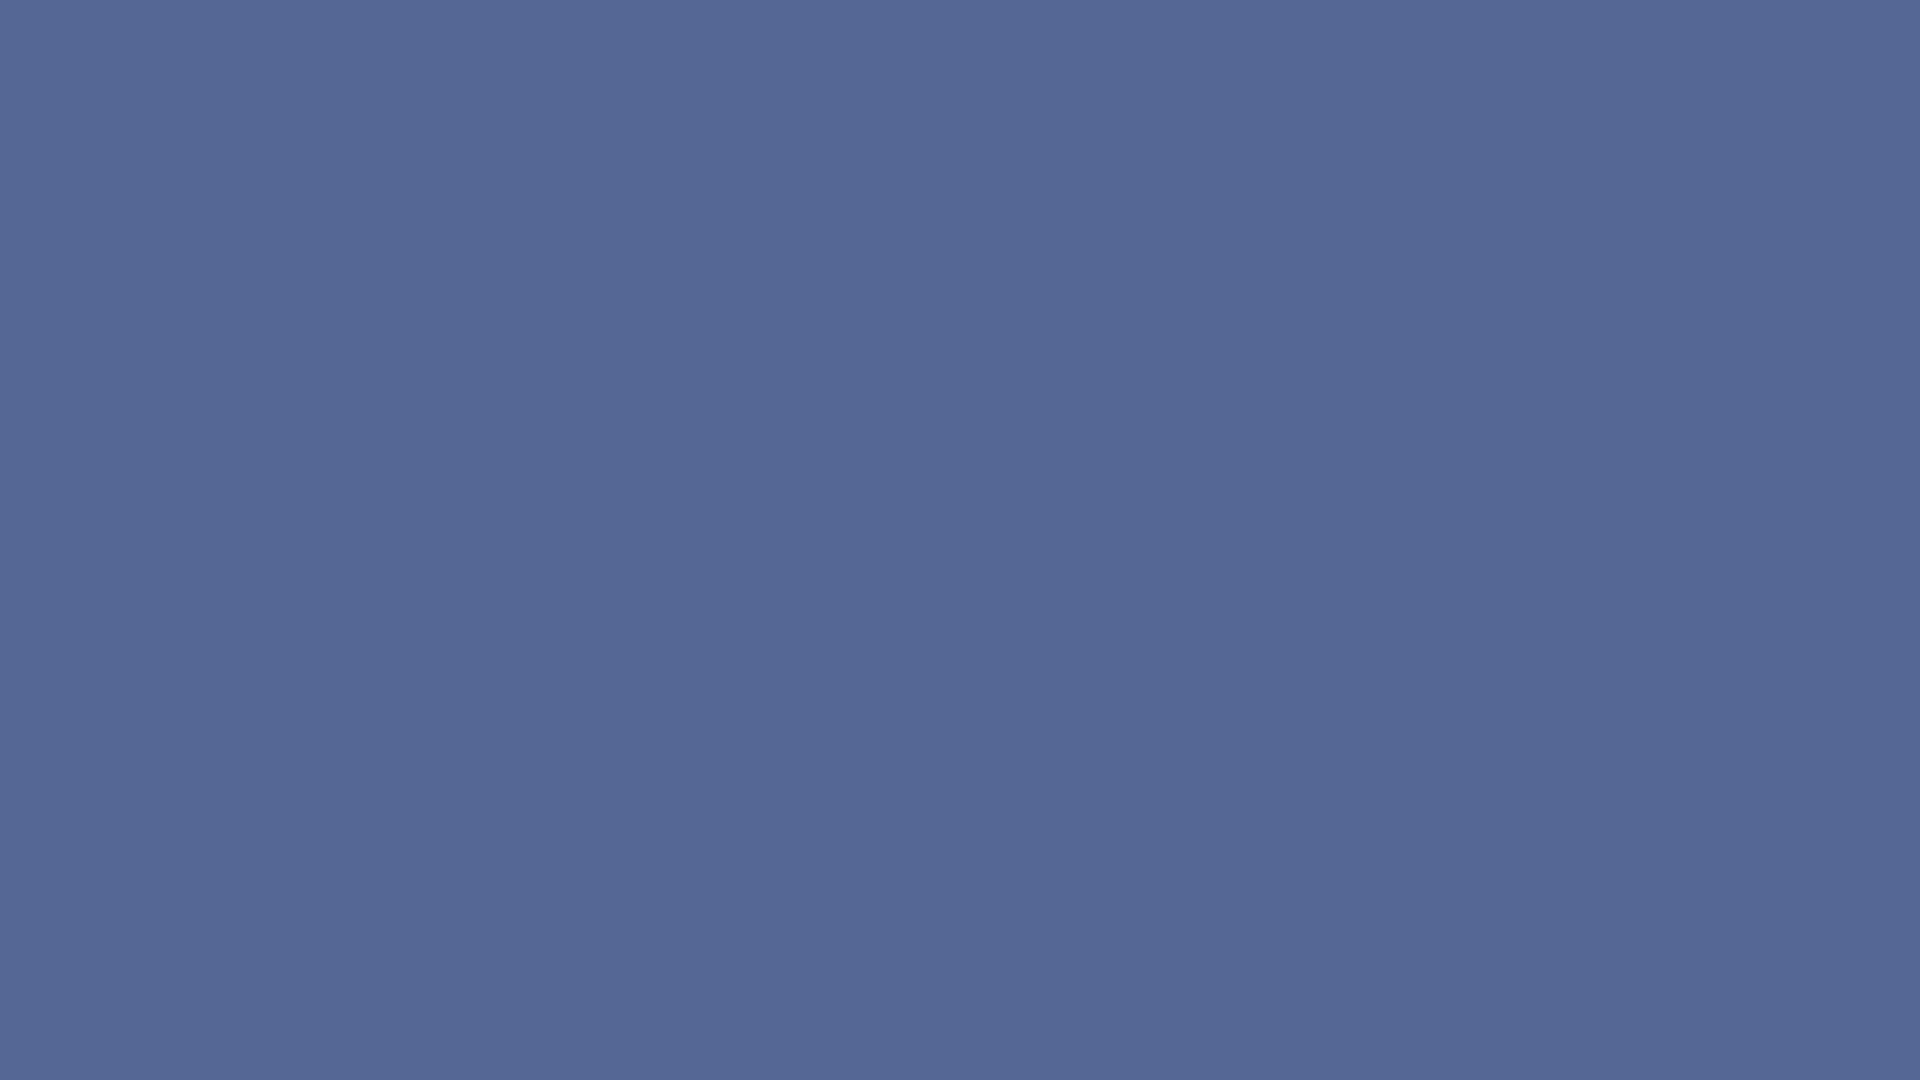 UCLA Blue Solid Color Background